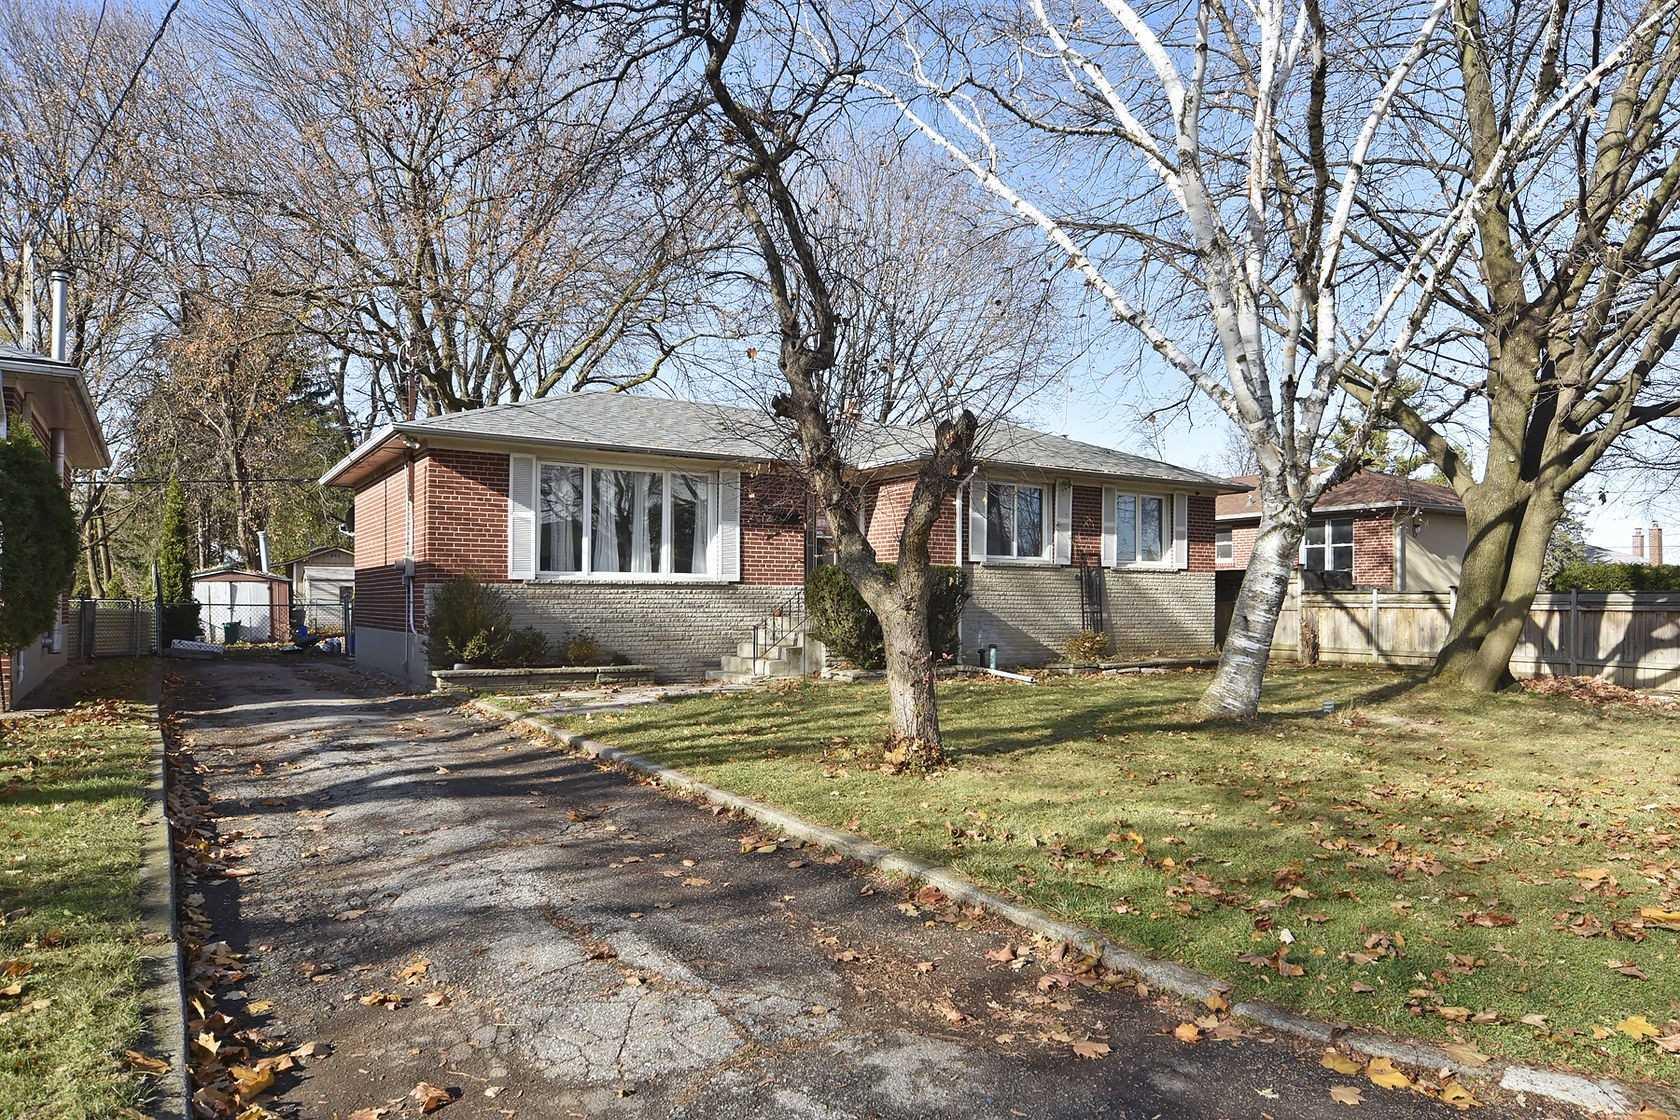 12 Samba Dr, Toronto, Ontario M9M2N1, 3 Bedrooms Bedrooms, 6 Rooms Rooms,2 BathroomsBathrooms,Detached,For Sale,Samba,W4987355